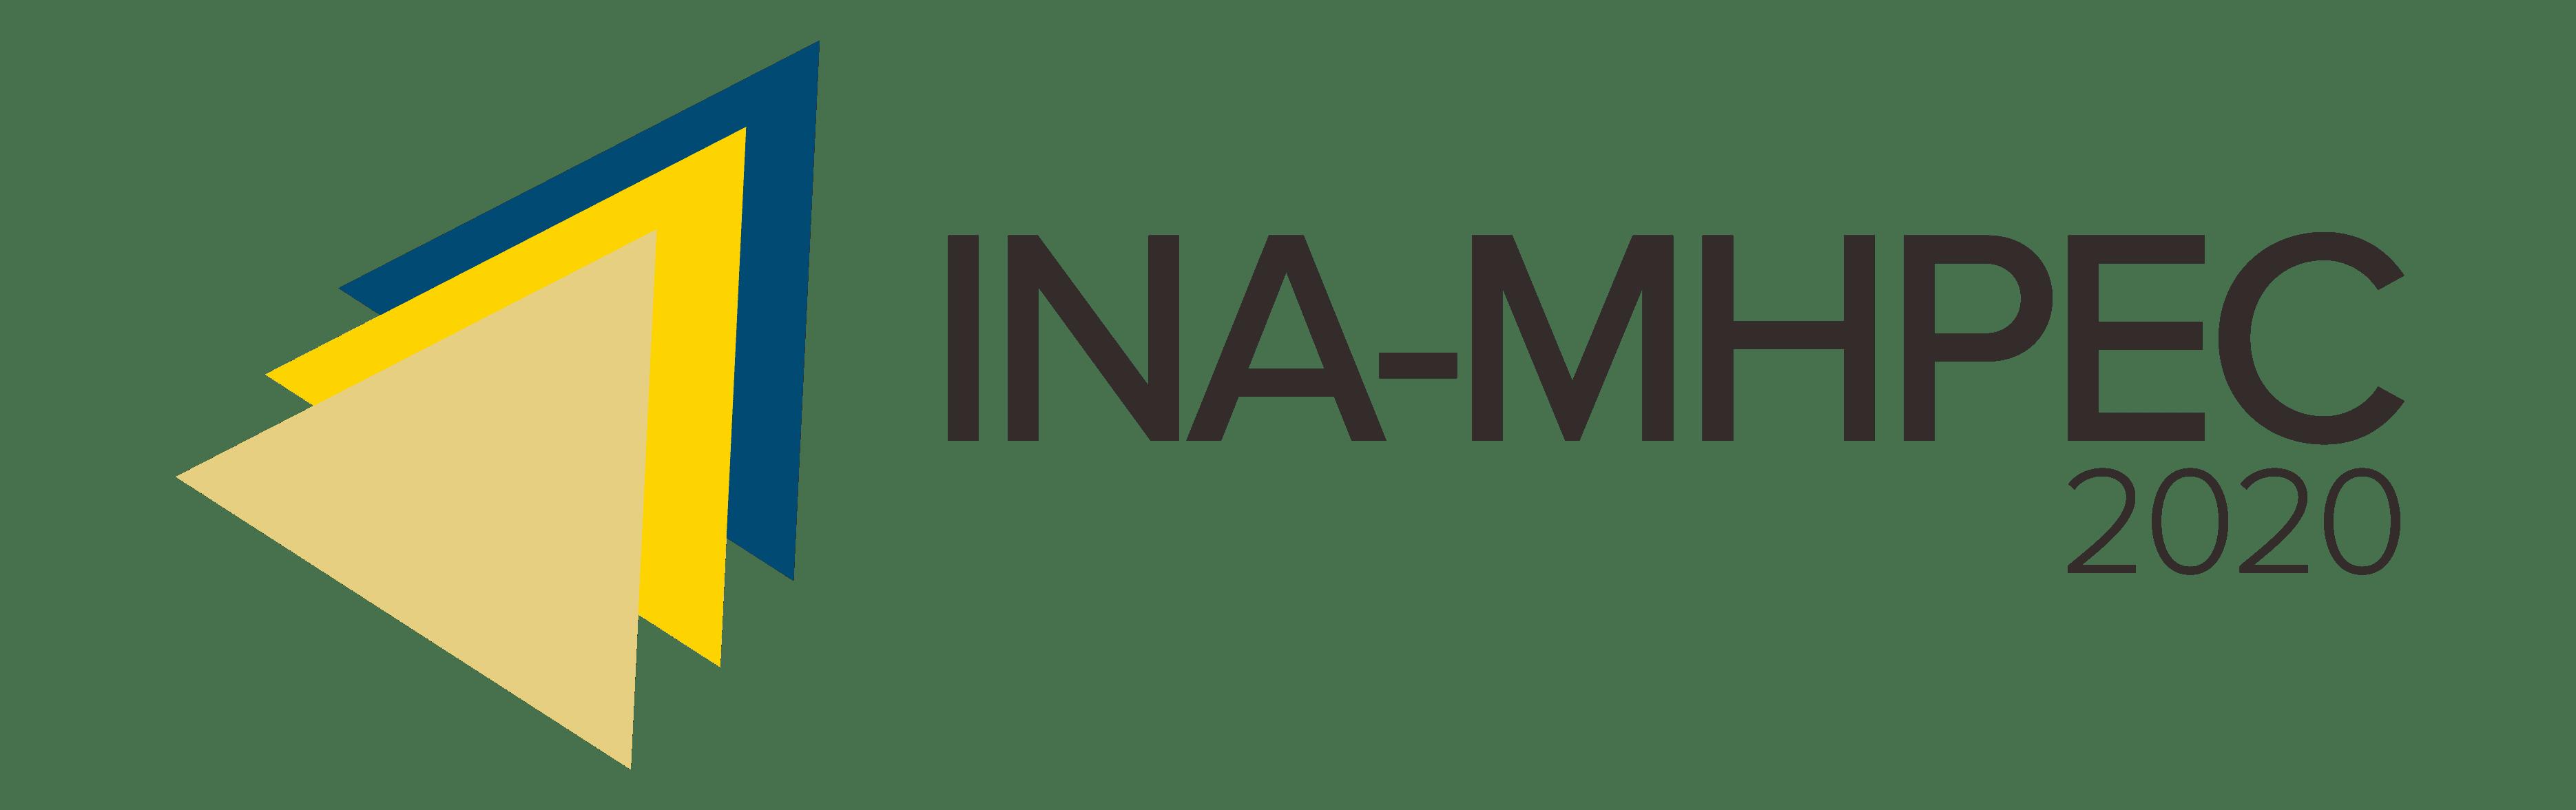 INA-MHPEC 2020